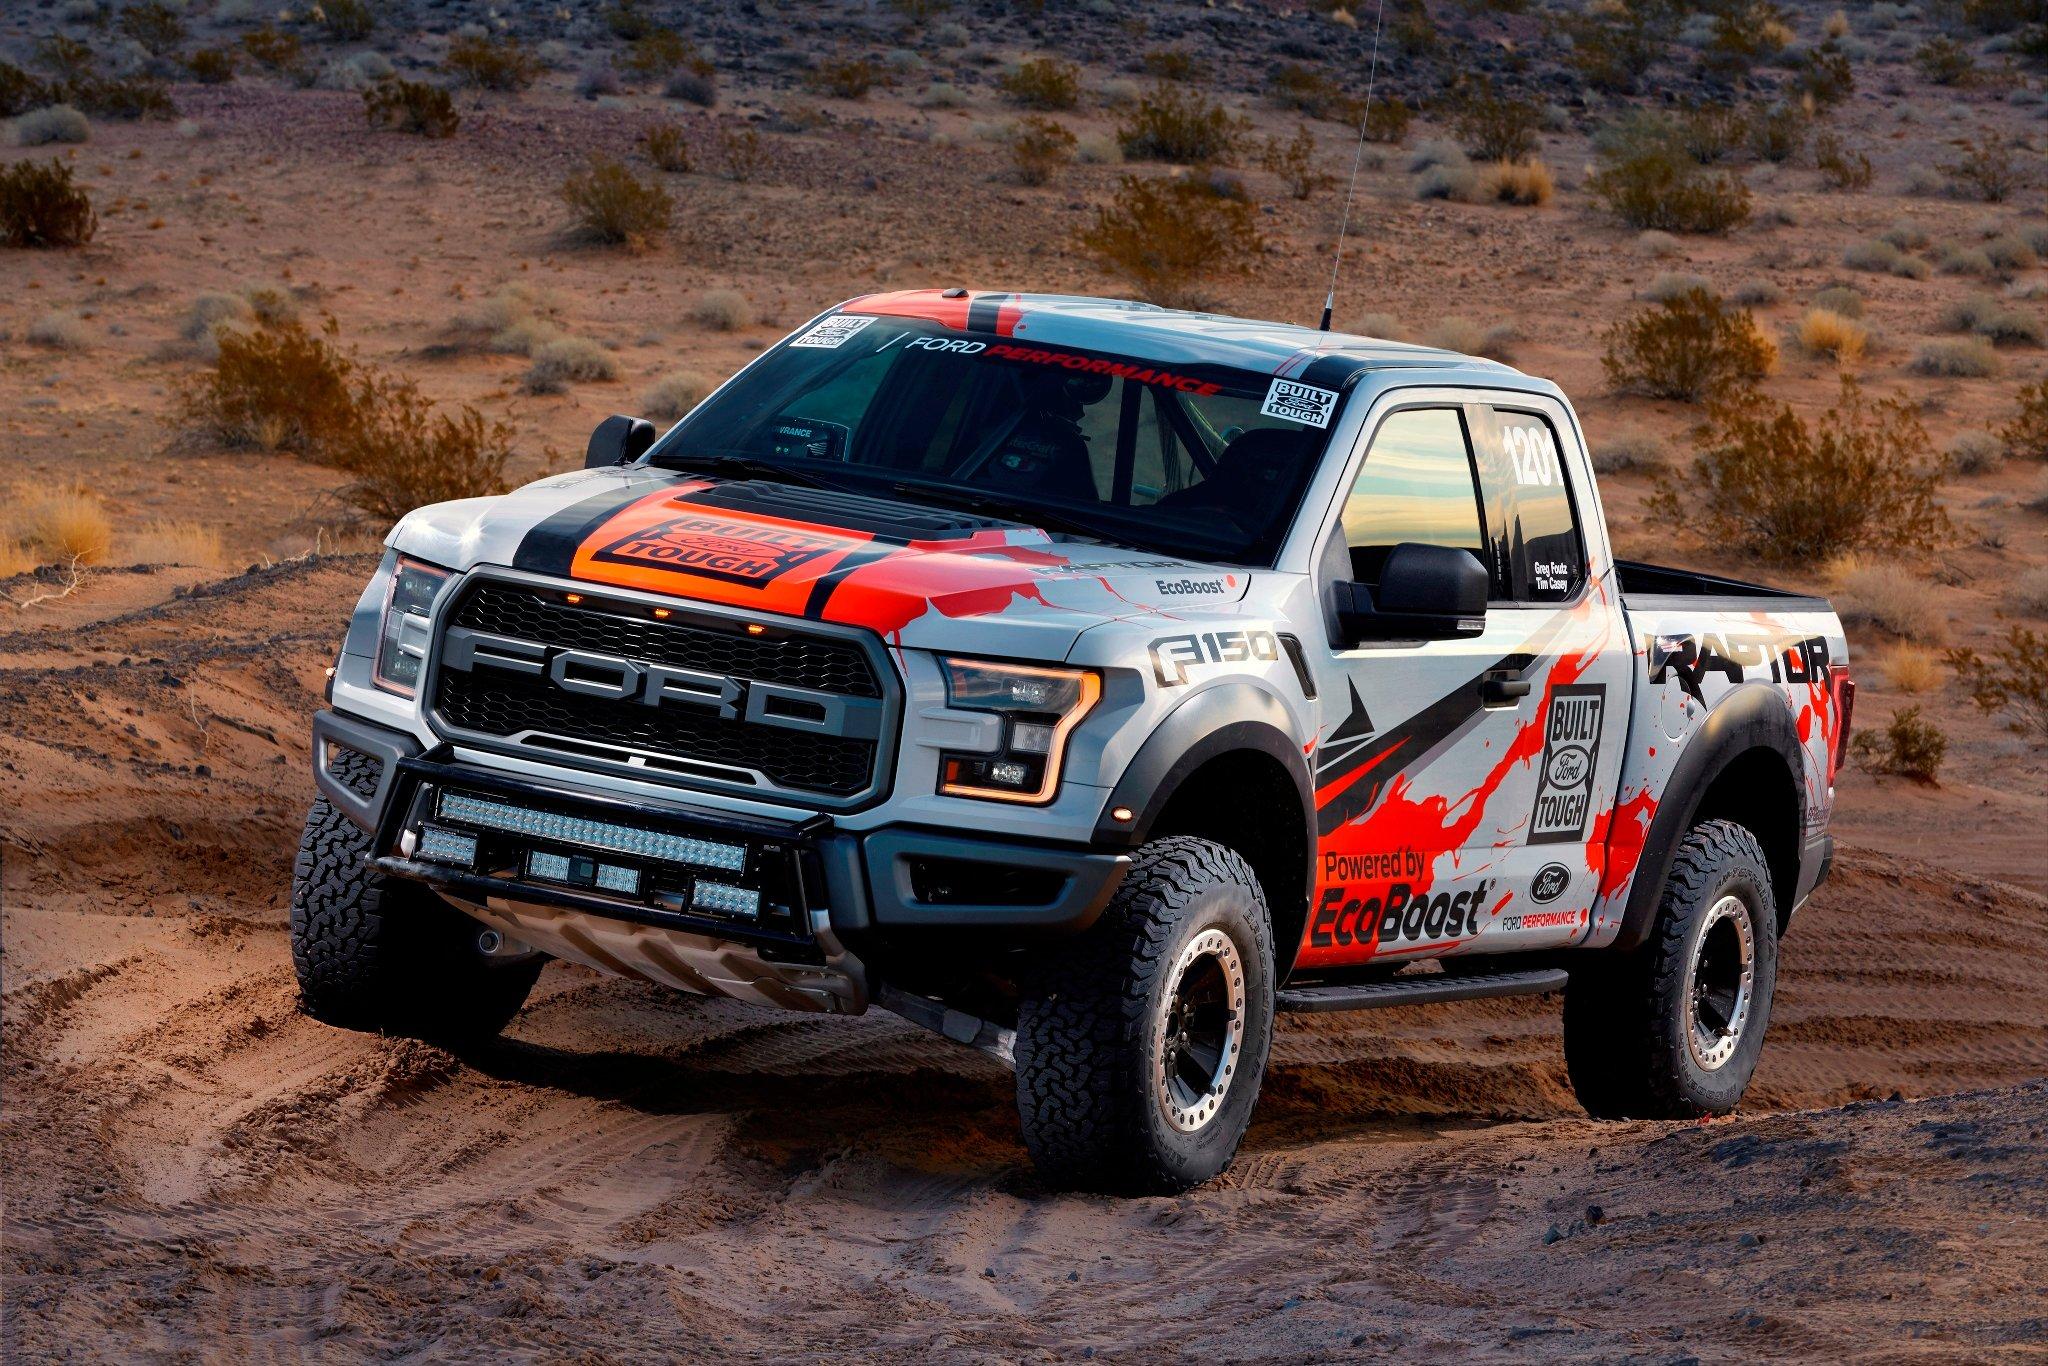 2017 ford f 150 raptor race truck wallpaper hd free desktop